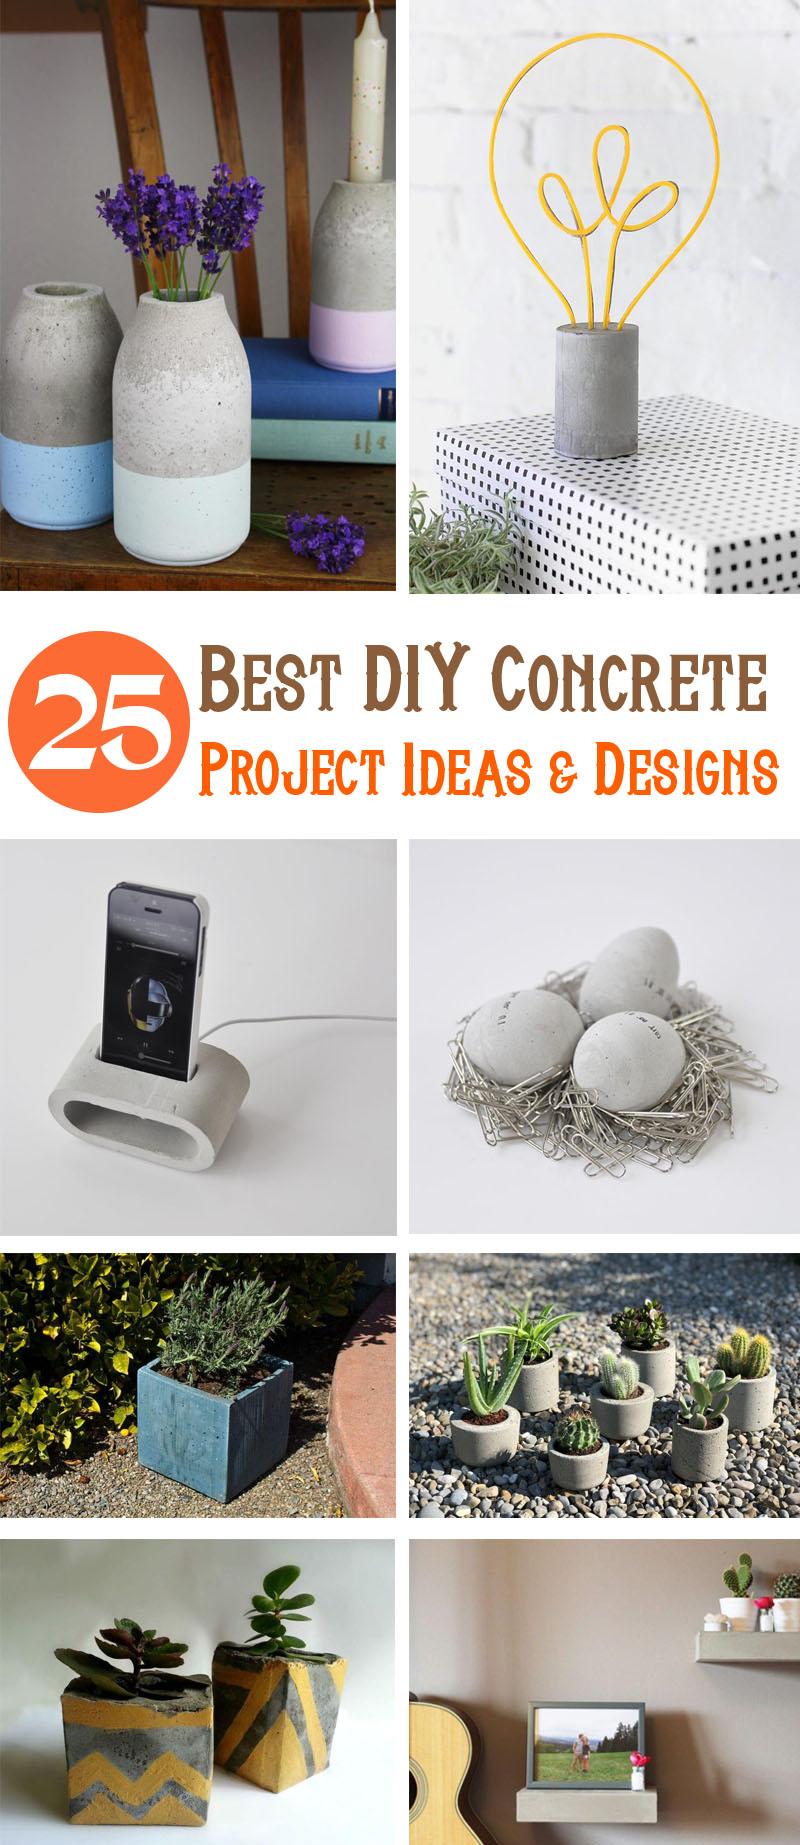 Best DIY concrete Project Ideas